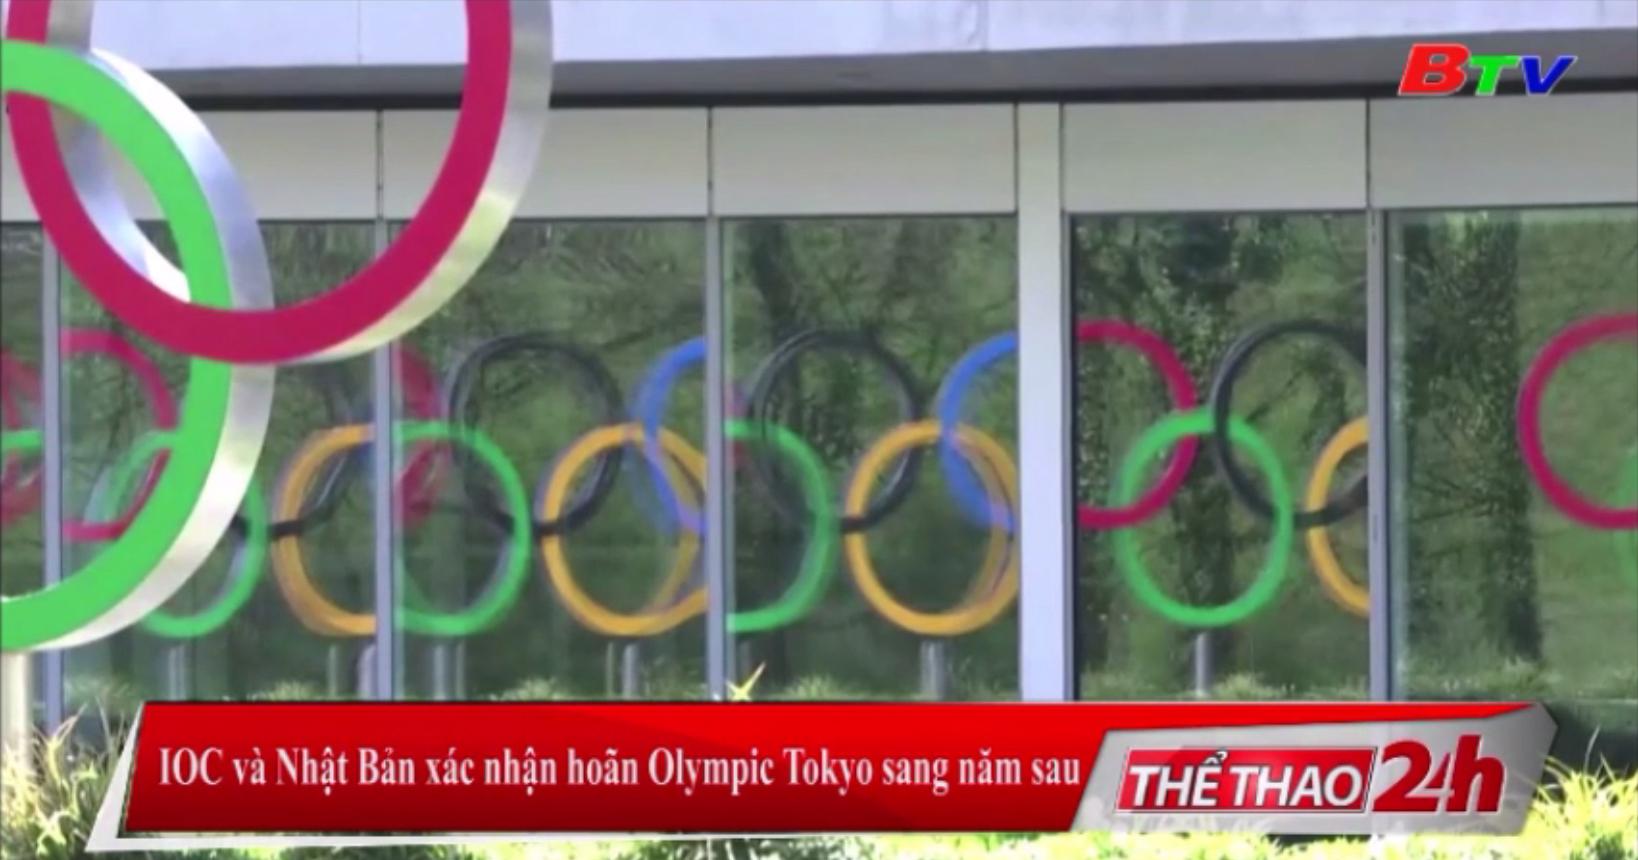 IOC và Nhật Bản xác nhận hoãn Olympic Tokyo sang năm sau